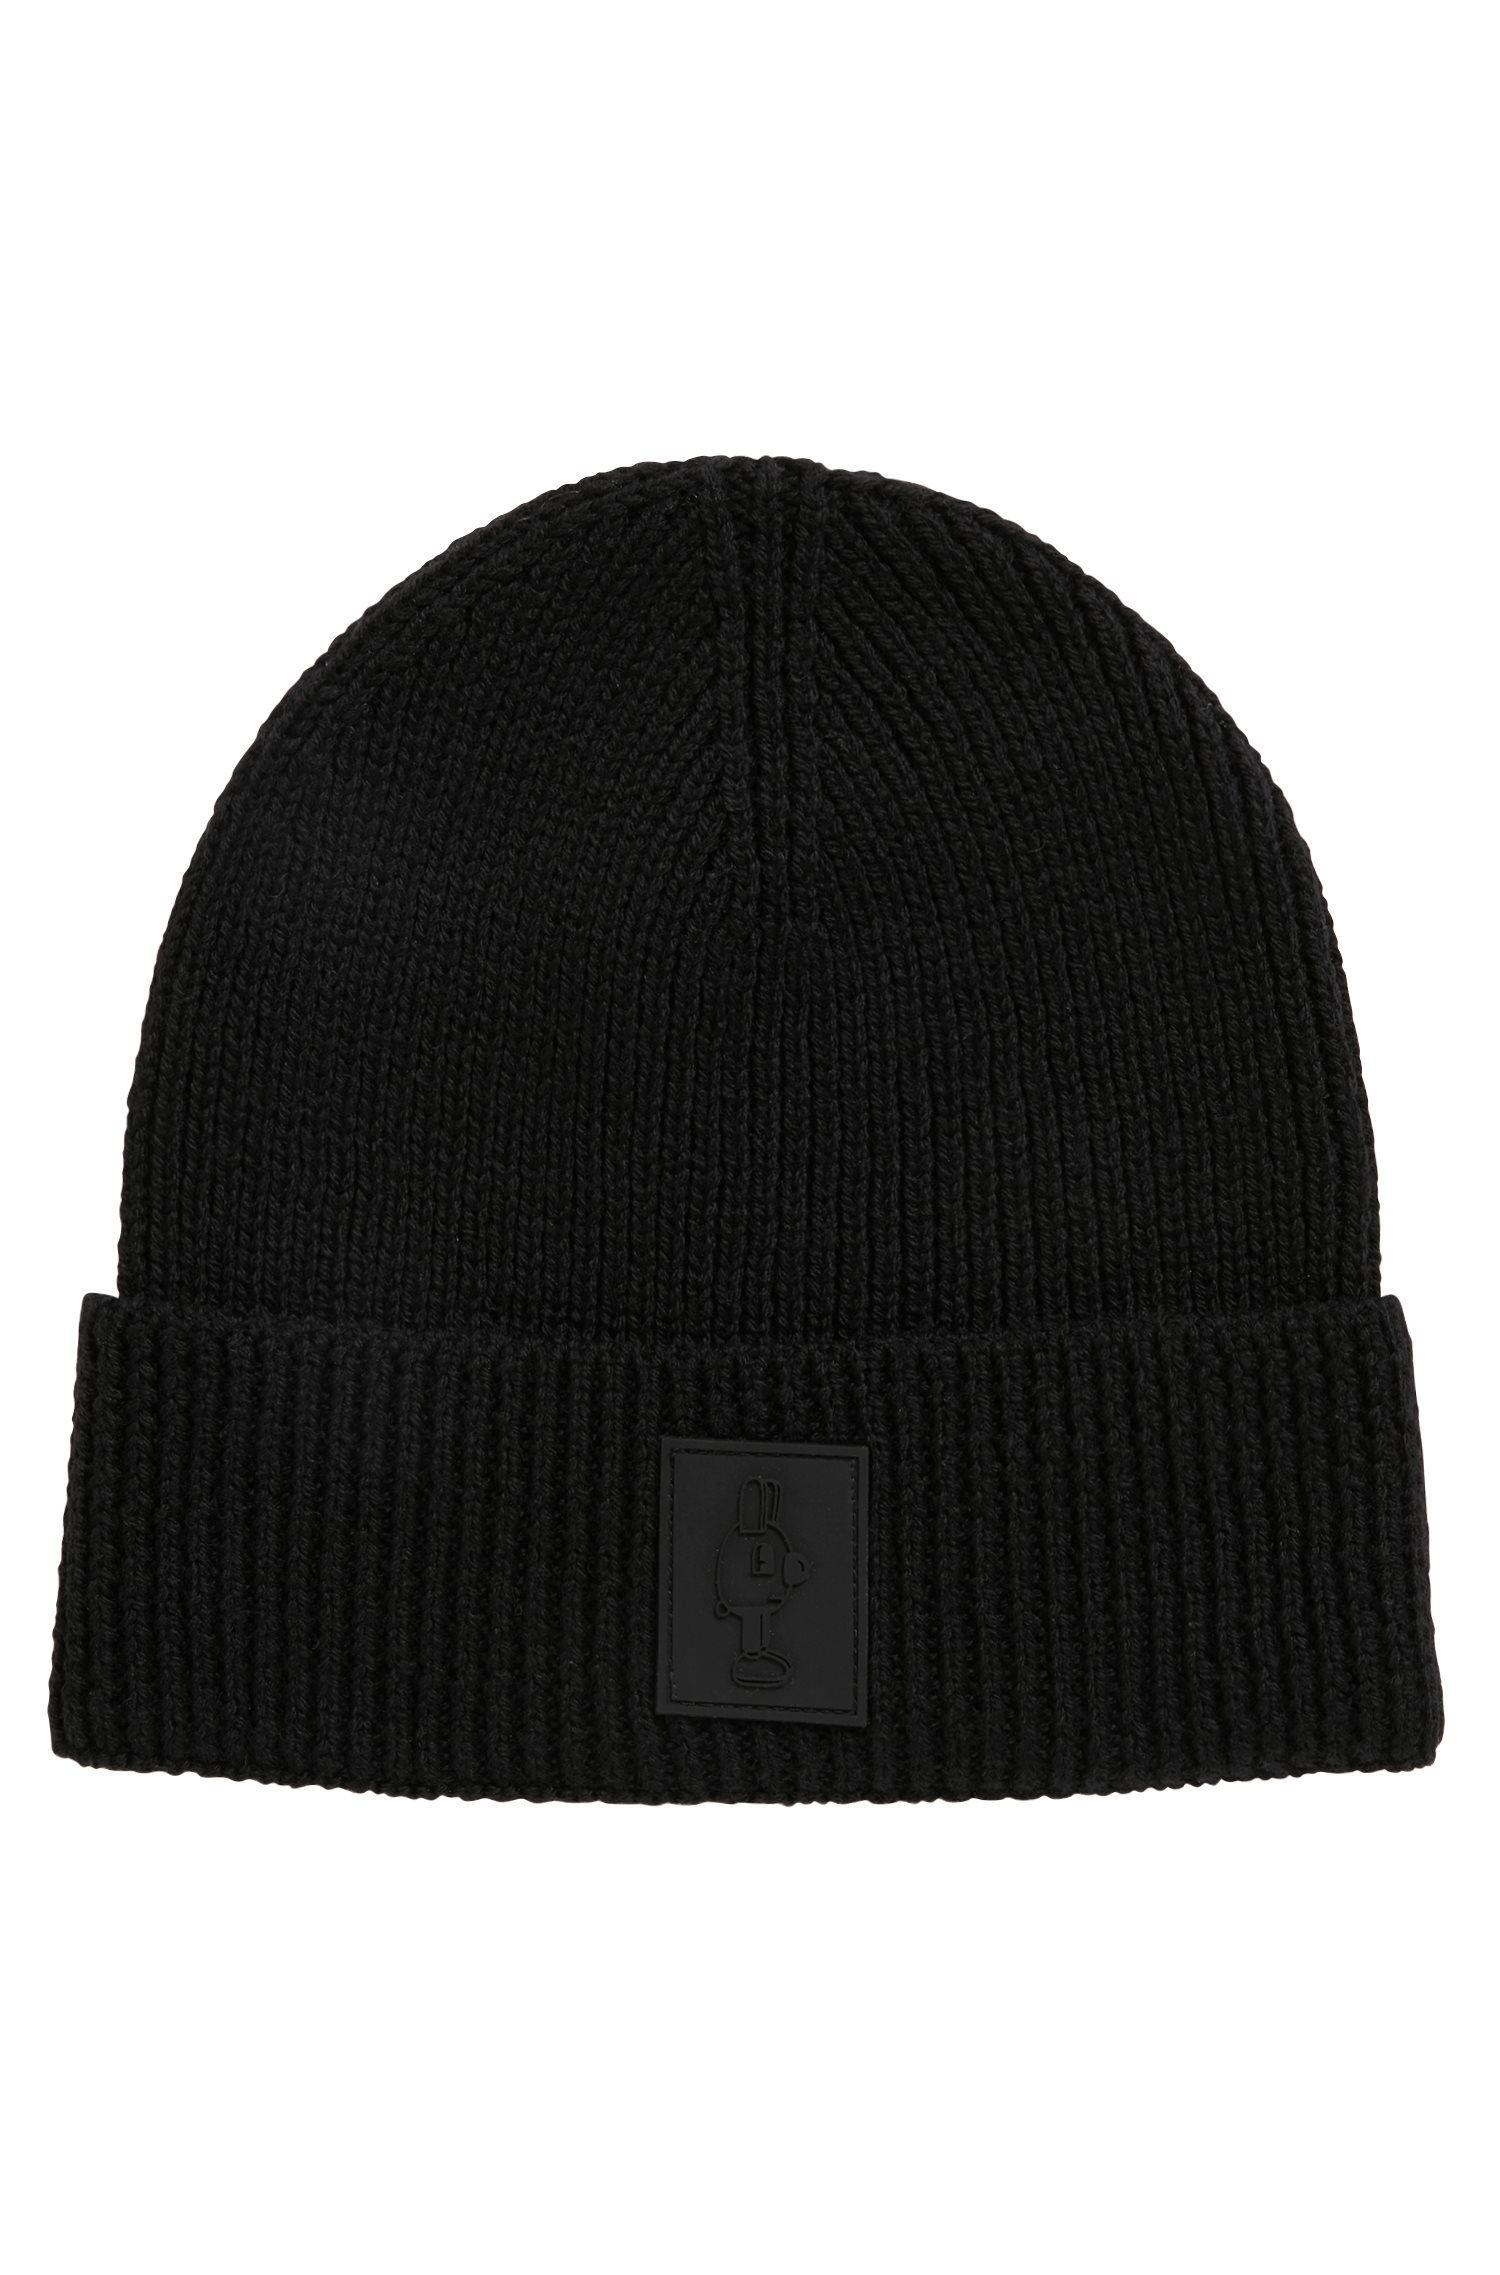 Bonnet en laine en édition limitée, avec étiquette Jeremyville, Noir